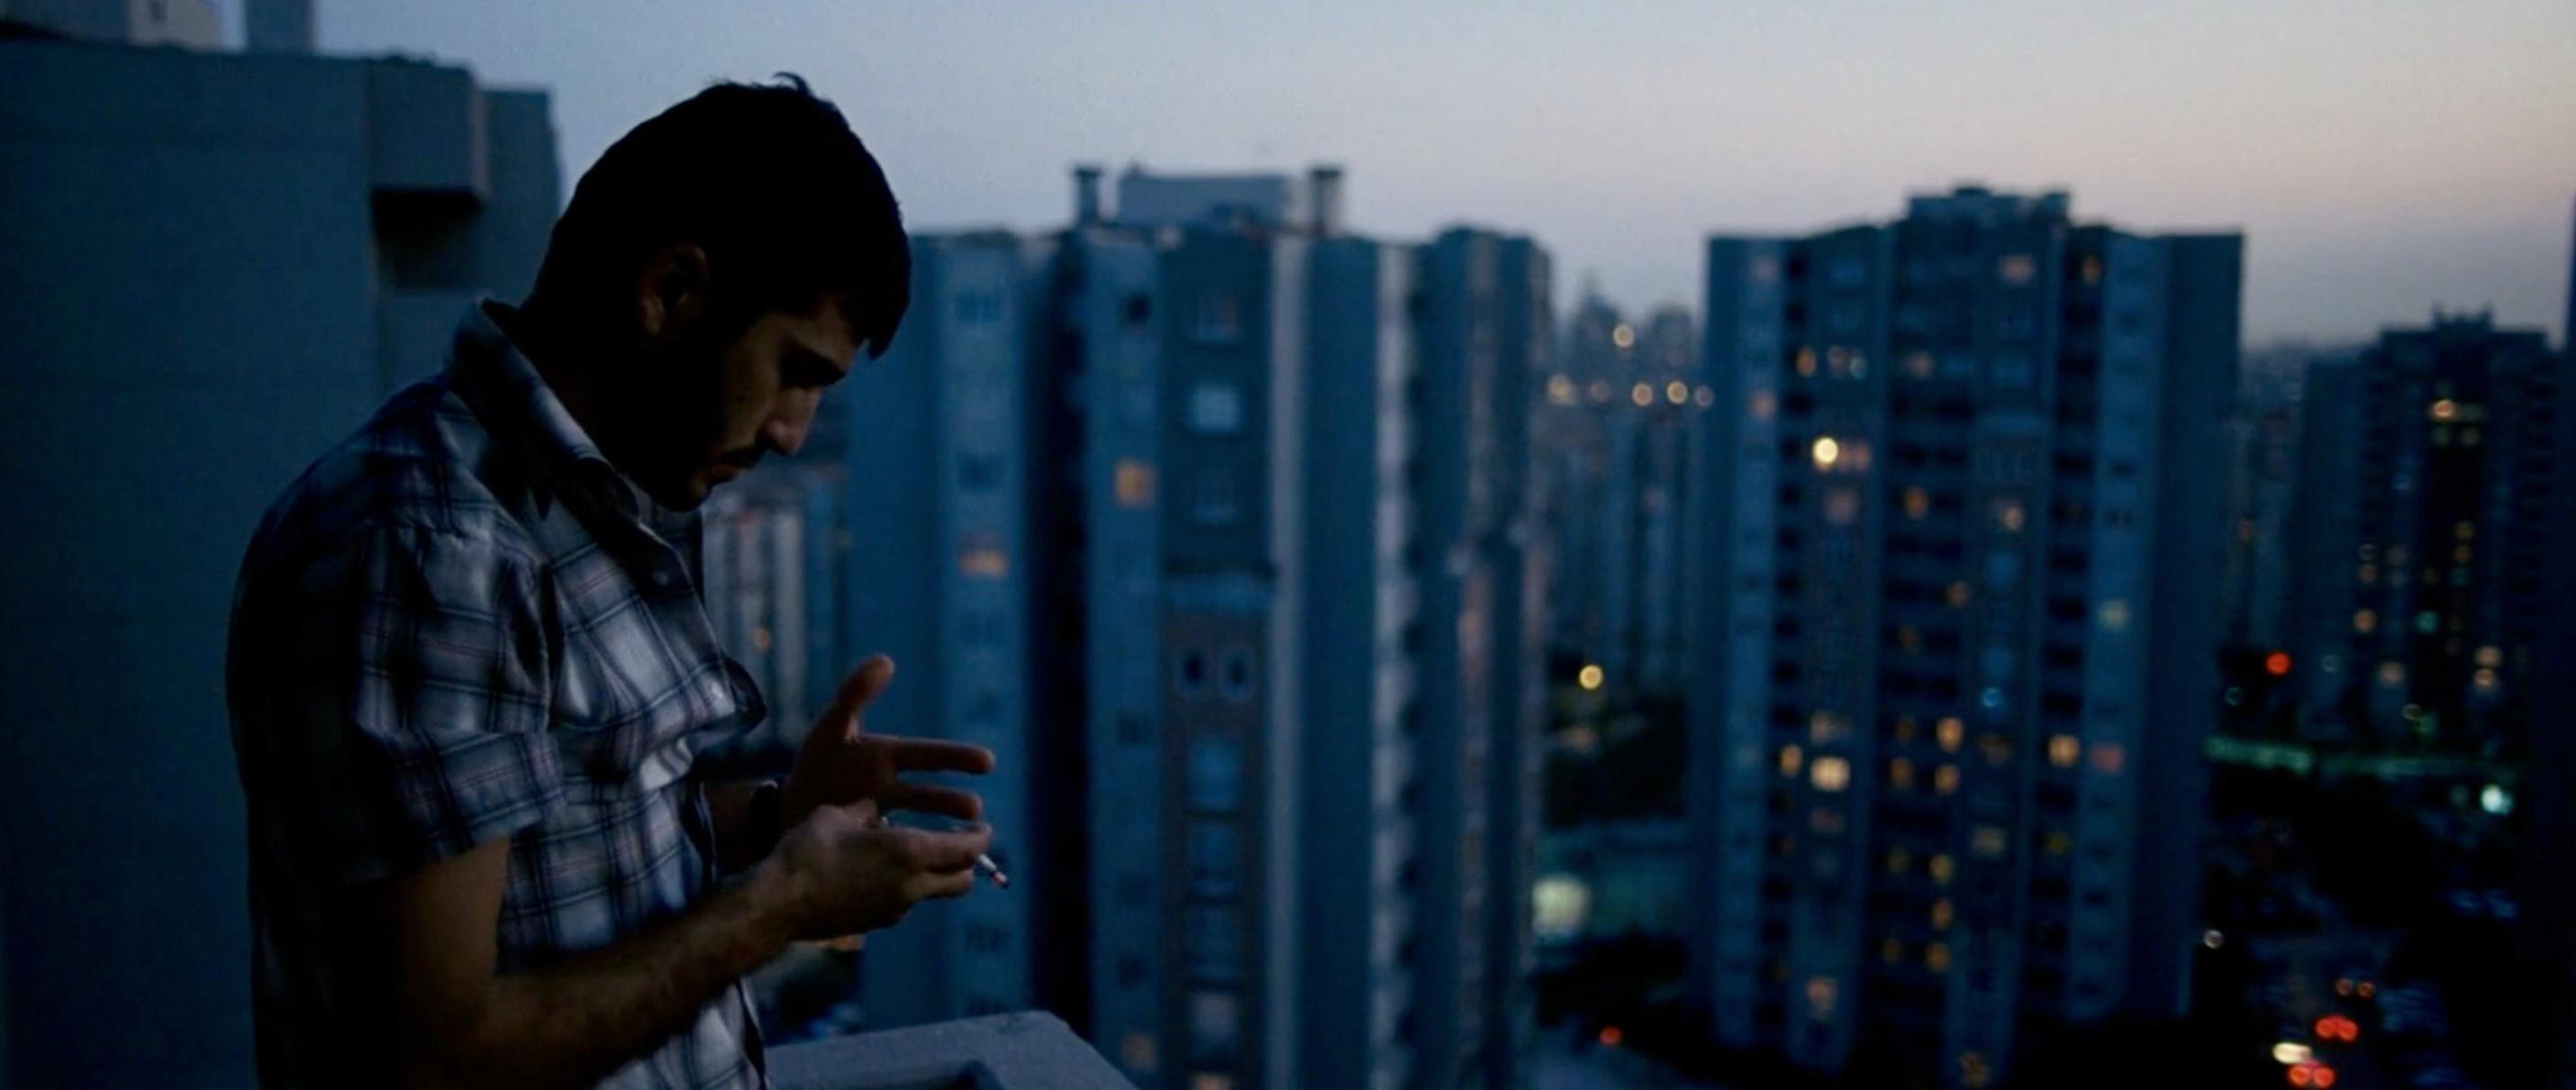 Die Fremde - When We Leave - Umays Bruder Mehmet - Regie: Feo Aladag - Kamera Judith Kaufmann